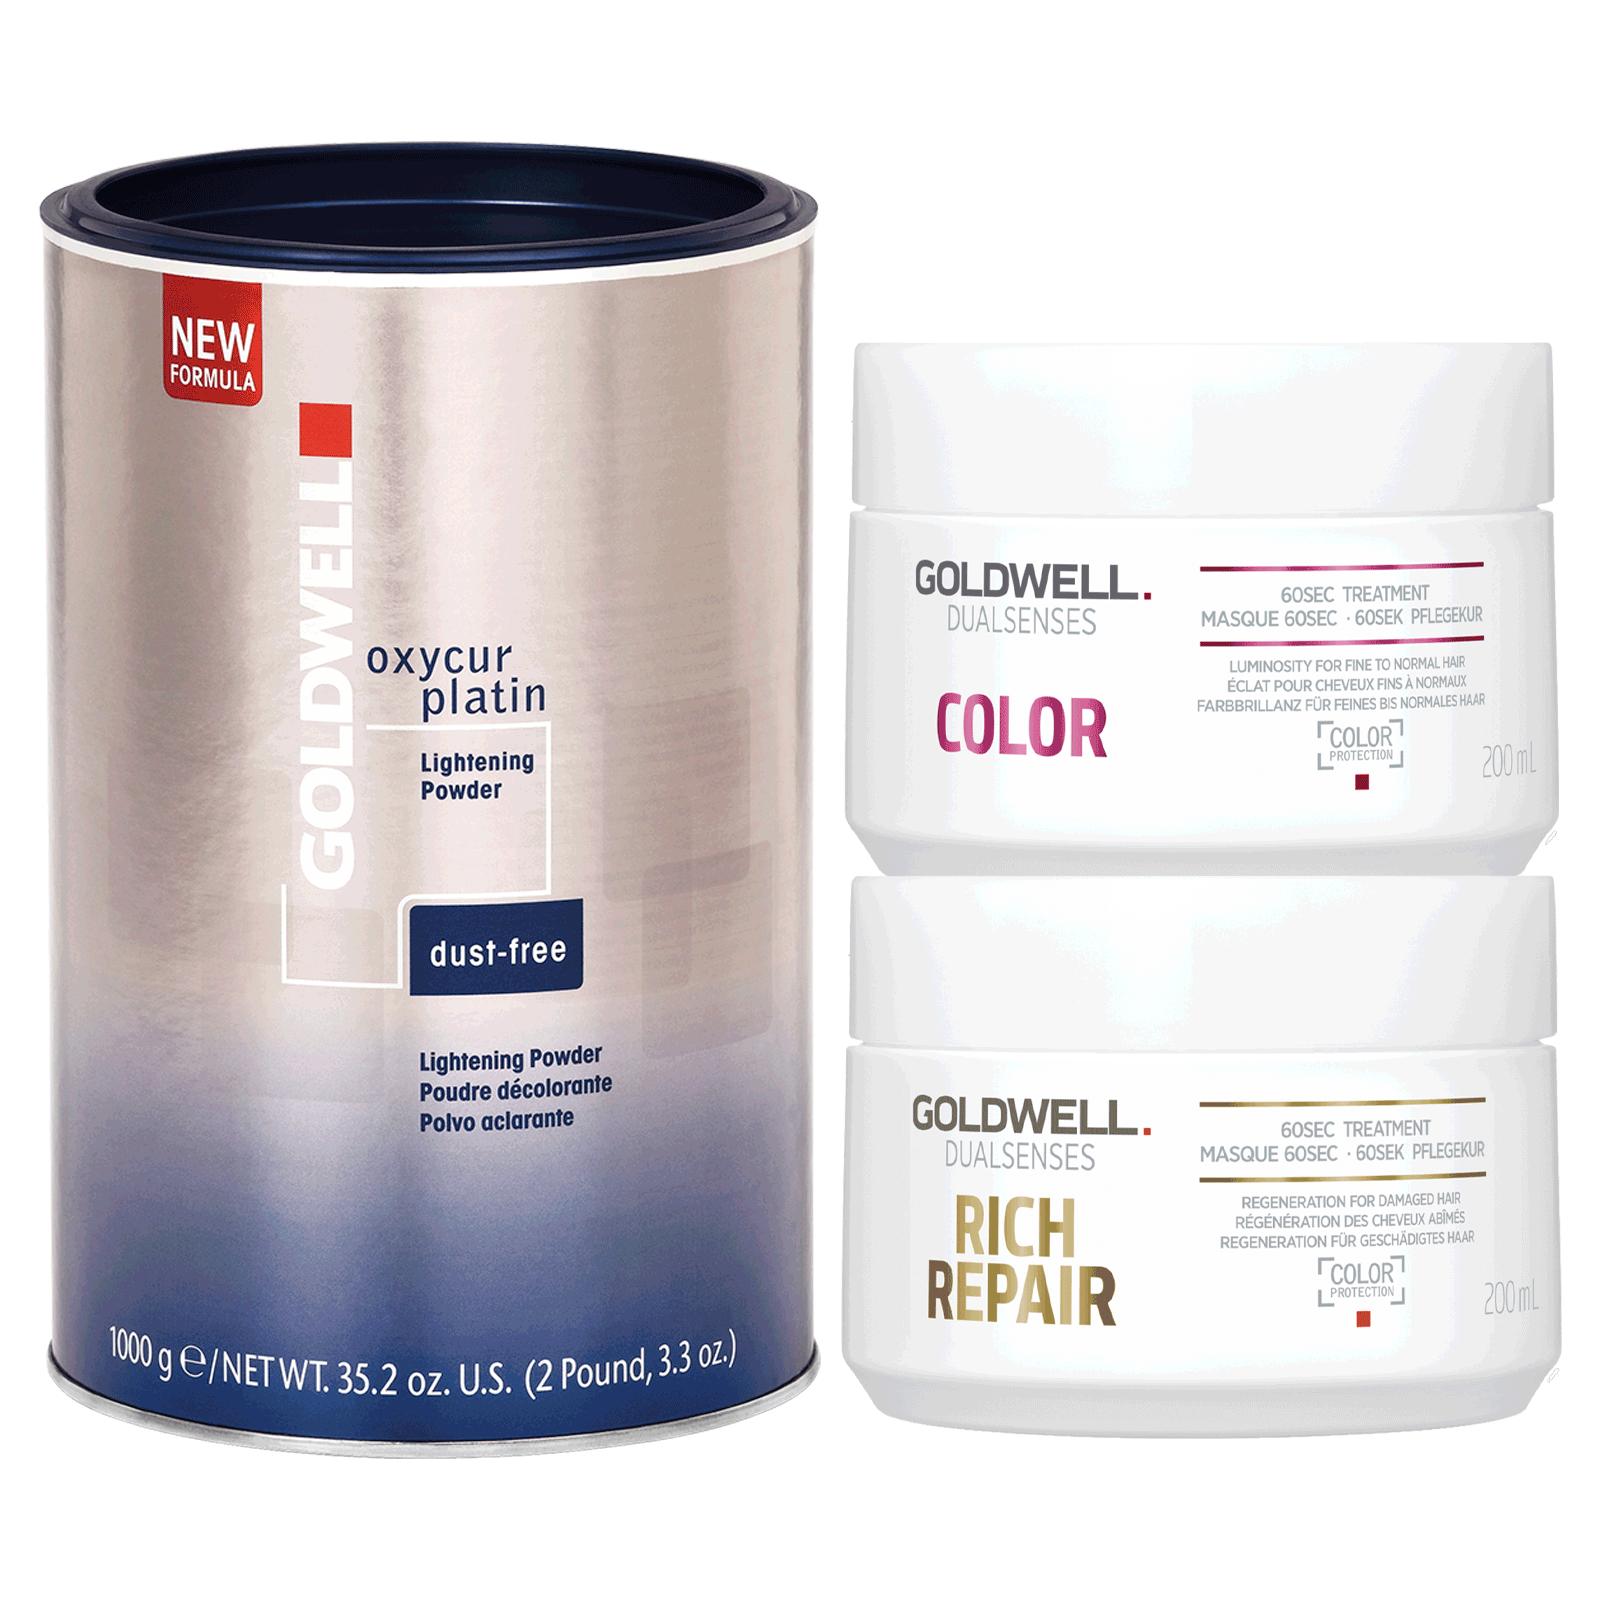 Dust Free Powder, Dualsenses Color 60 Second Treatment